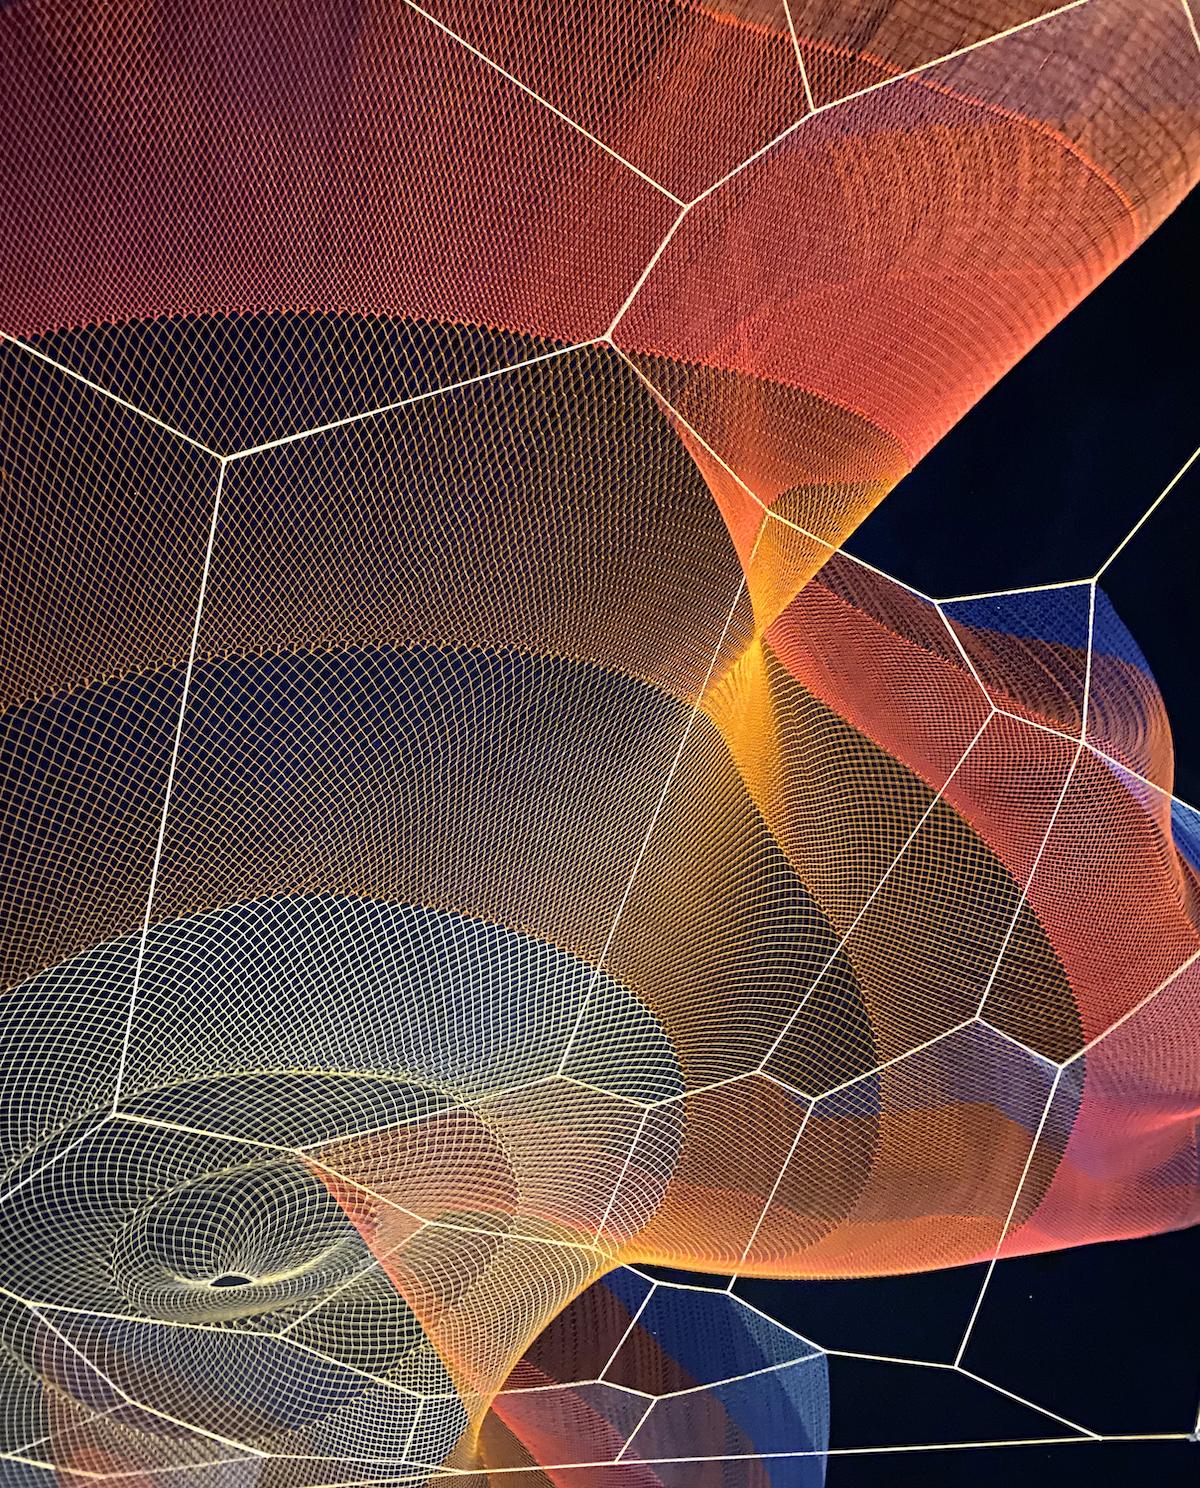 Detalle de la instalación de red en Odeonsplatz, Múnich, por Janet Echelman